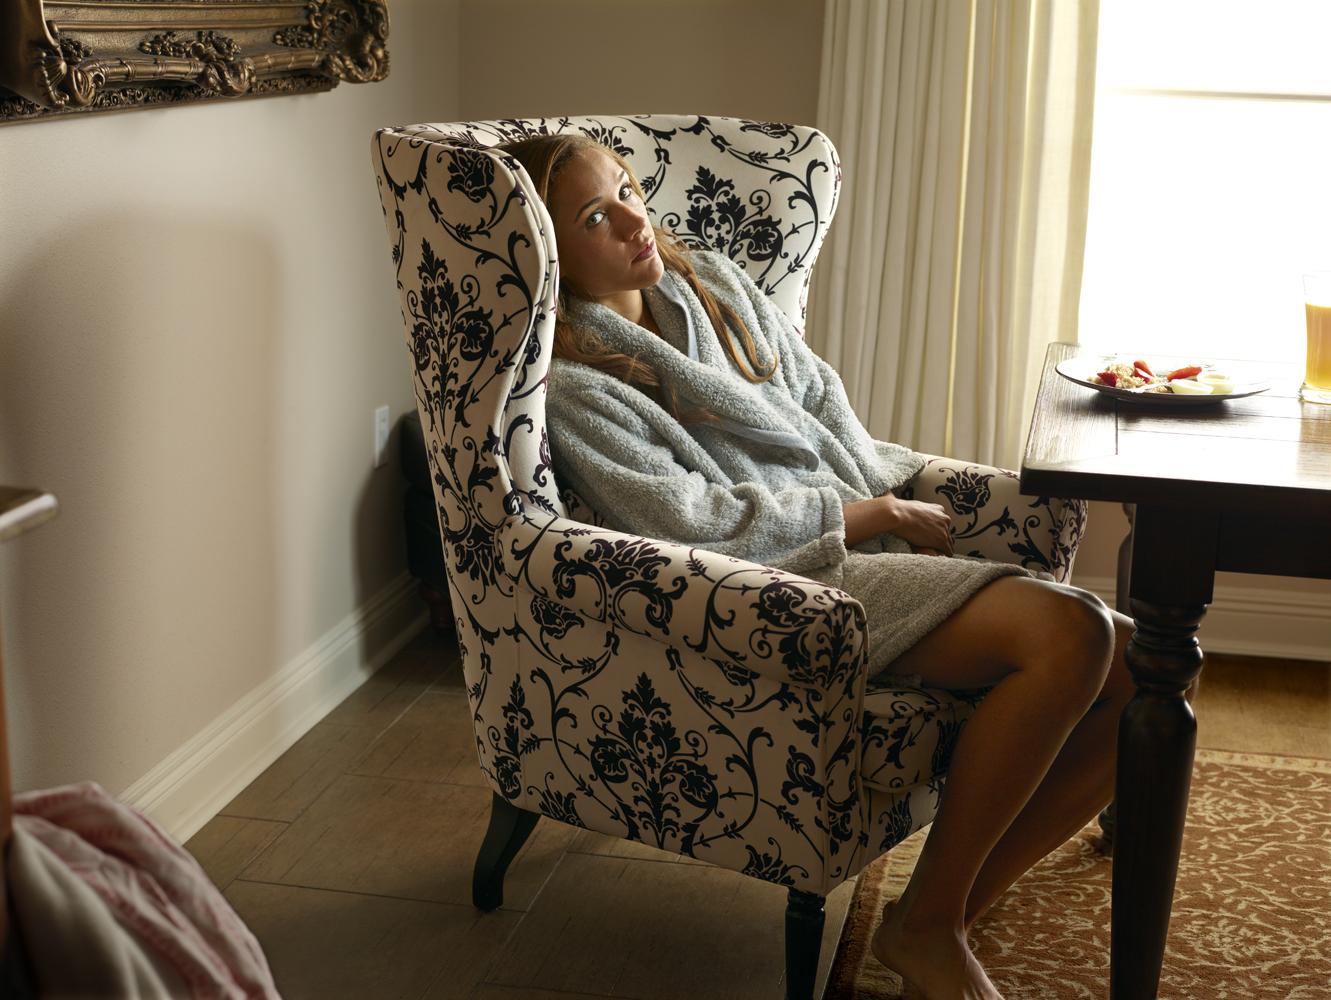 Jones eats breakfast in her home in Baton Rouge, La.